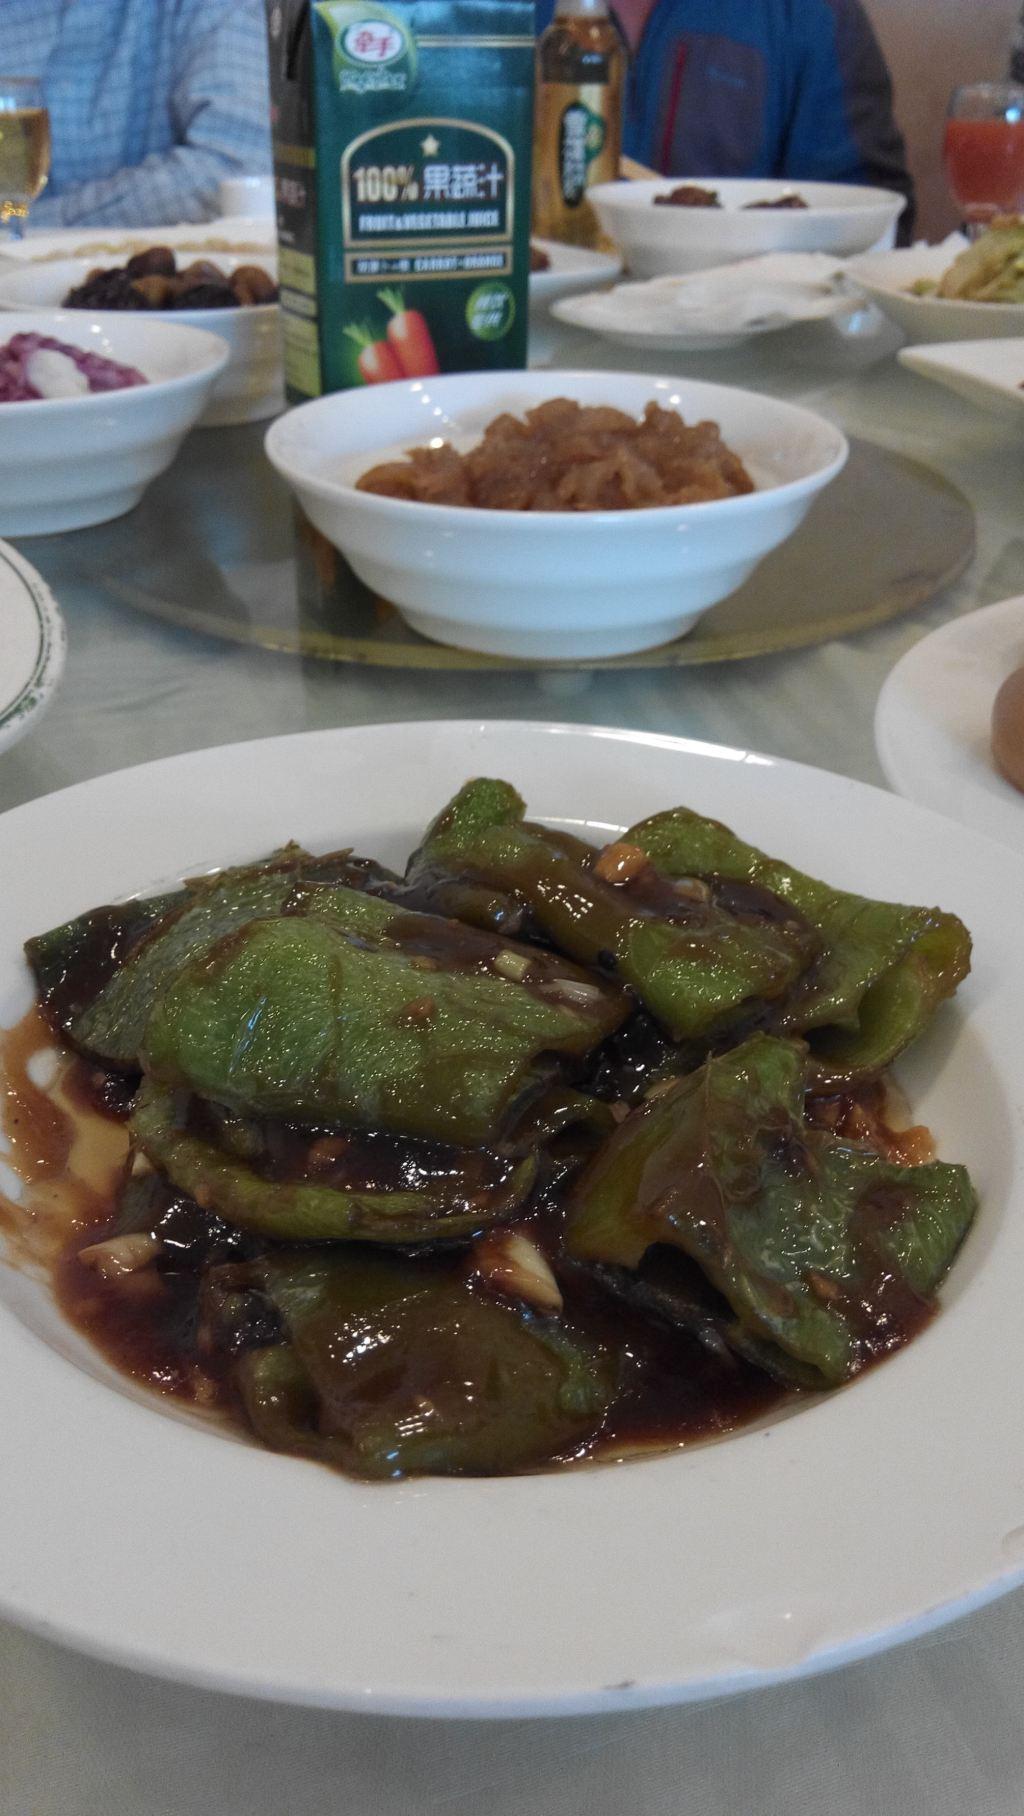 郭林家常菜在北京有不少的分店,六道口的这家算是比较大也算是比较高档的餐厅了。餐厅的位置就在金码大厦的对面,非常好找。院子里有停车的地方。这里离家比较近,也是我们最常来吃的饭店之一了。一直感觉这里的菜不错,味道好吃,样式也比较好看,种类很多,时不时的推出新的菜品。这里一楼是大厅,桌子不少,但每次去的时候人都是很多,去晚了就要等座位了。2楼主要是包房,房间也不少,不过也经常订不到桌位。郭林主要以家常菜为主,菜的价格不算太贵,这家店好像比其他店价格高一些,不过这里的环境和服务都要好一些。上周,有两位同事结婚请客